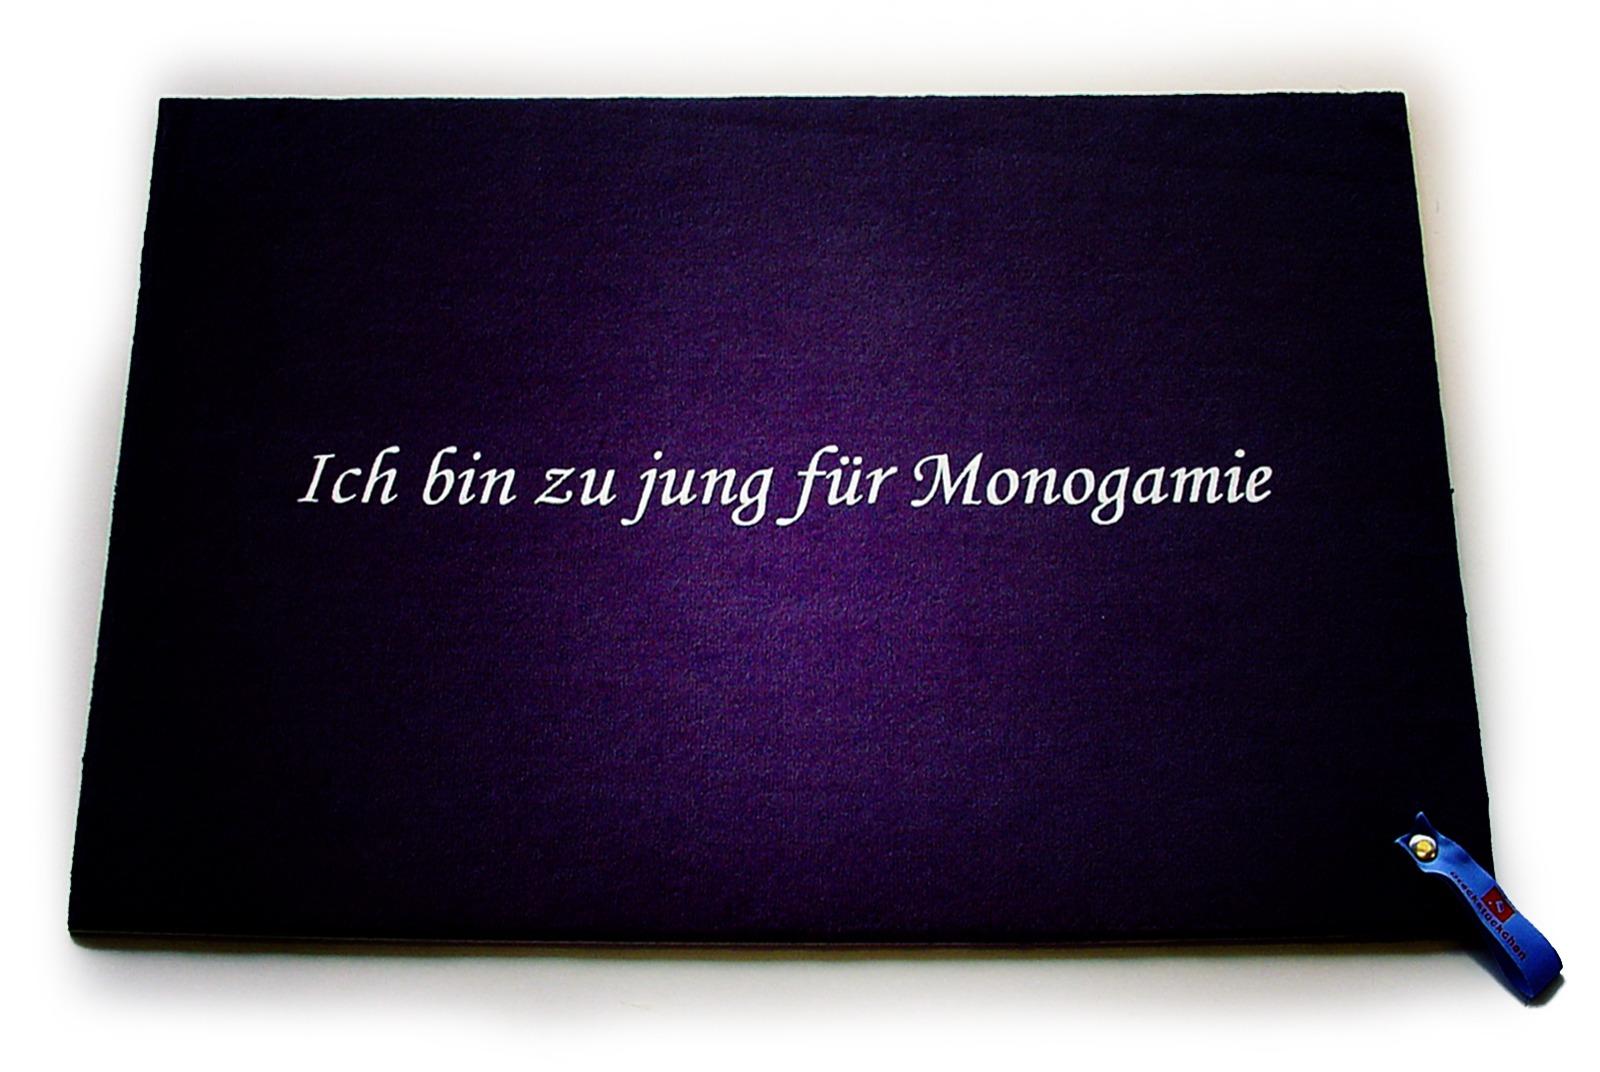 Ich bin zu jung für Monogamie